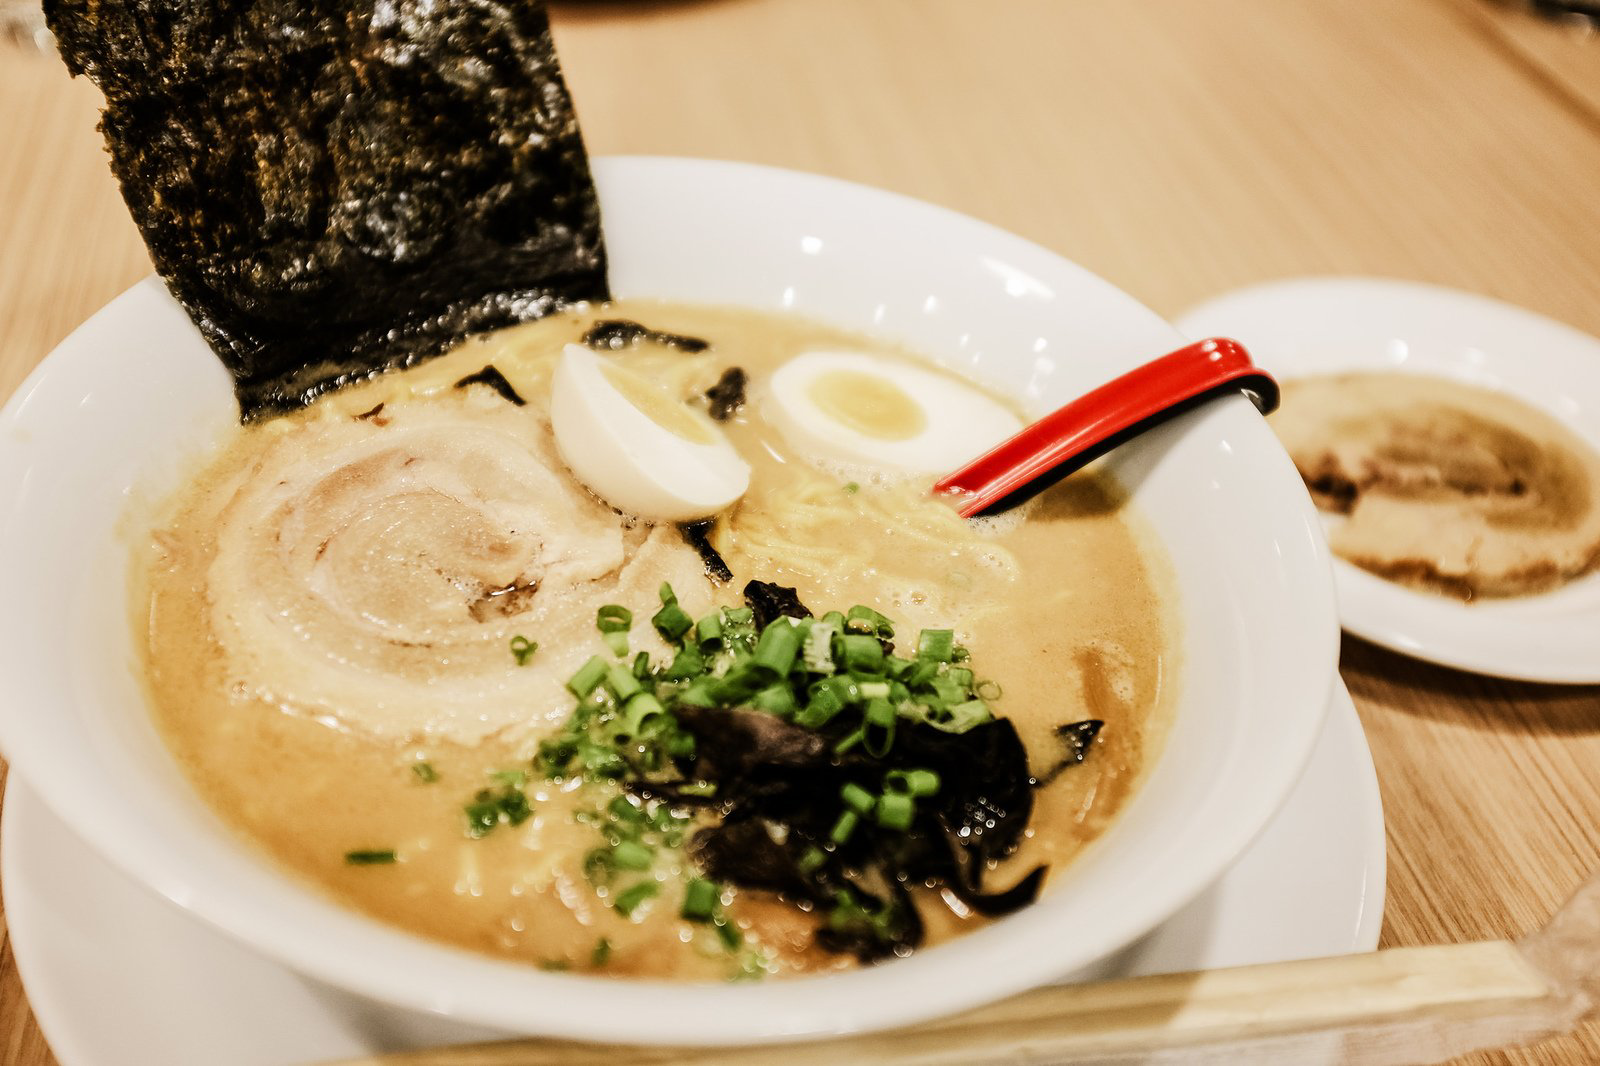 攻略:日式面店, 火锅, 酒水饮料点菜宝典